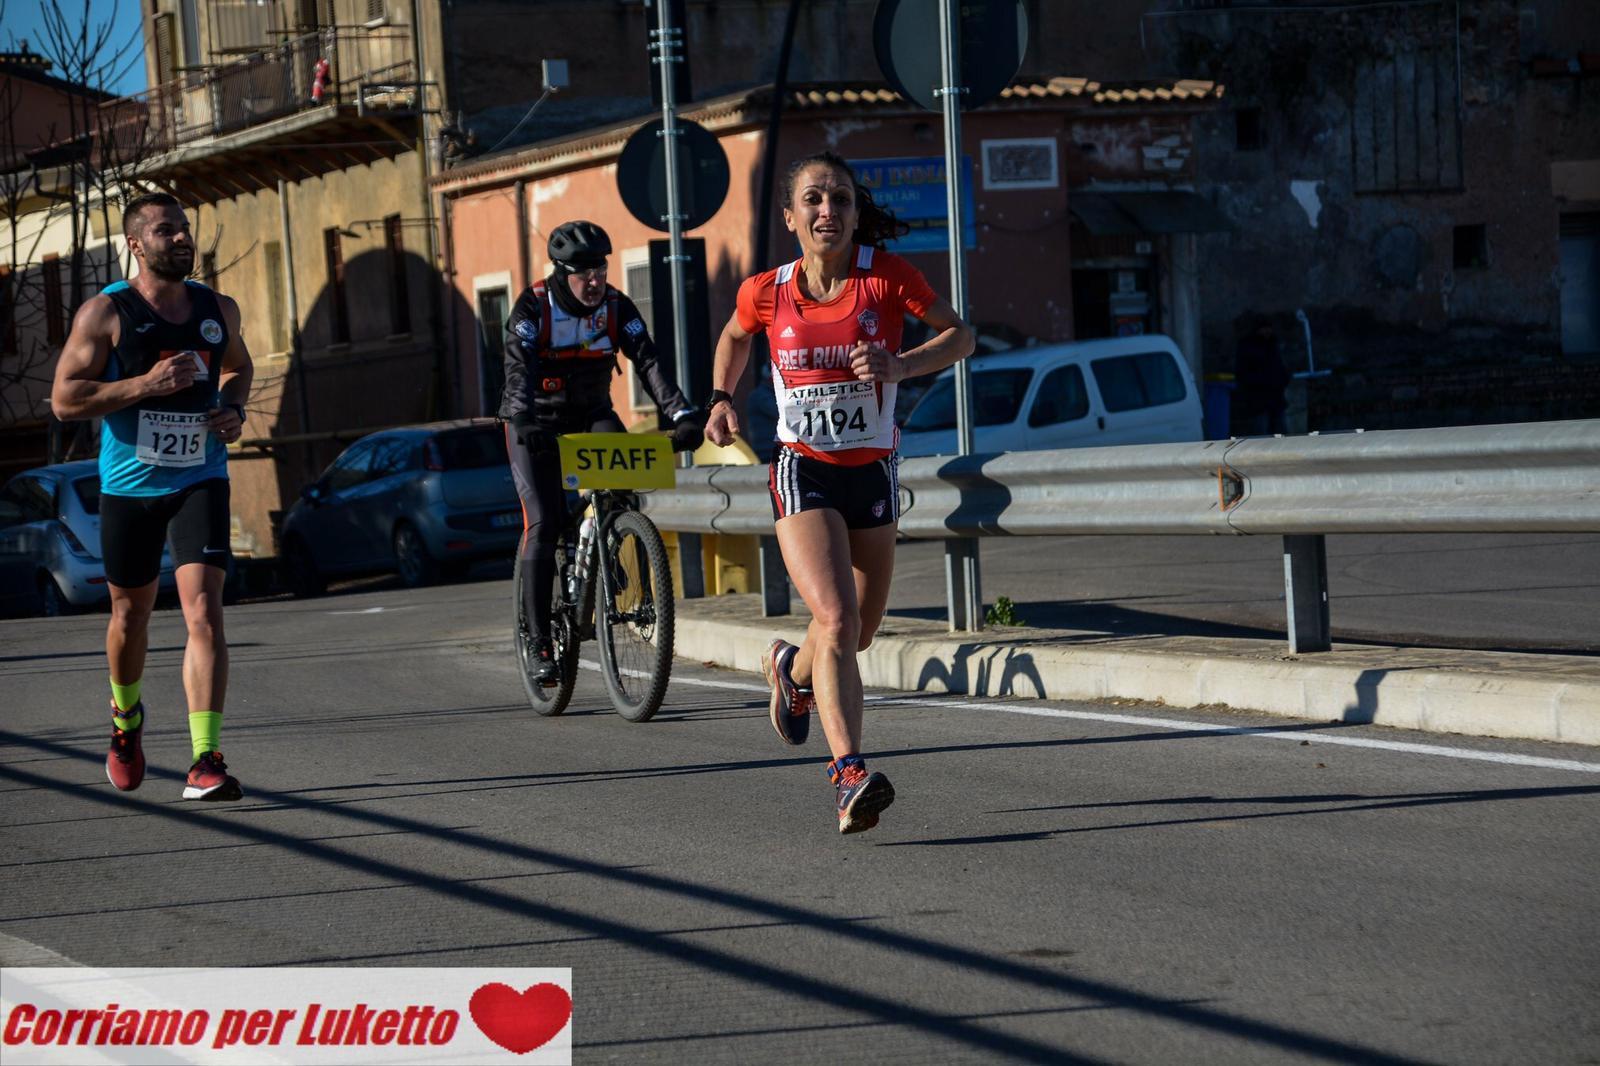 corriamo_per_luketto-51(1)